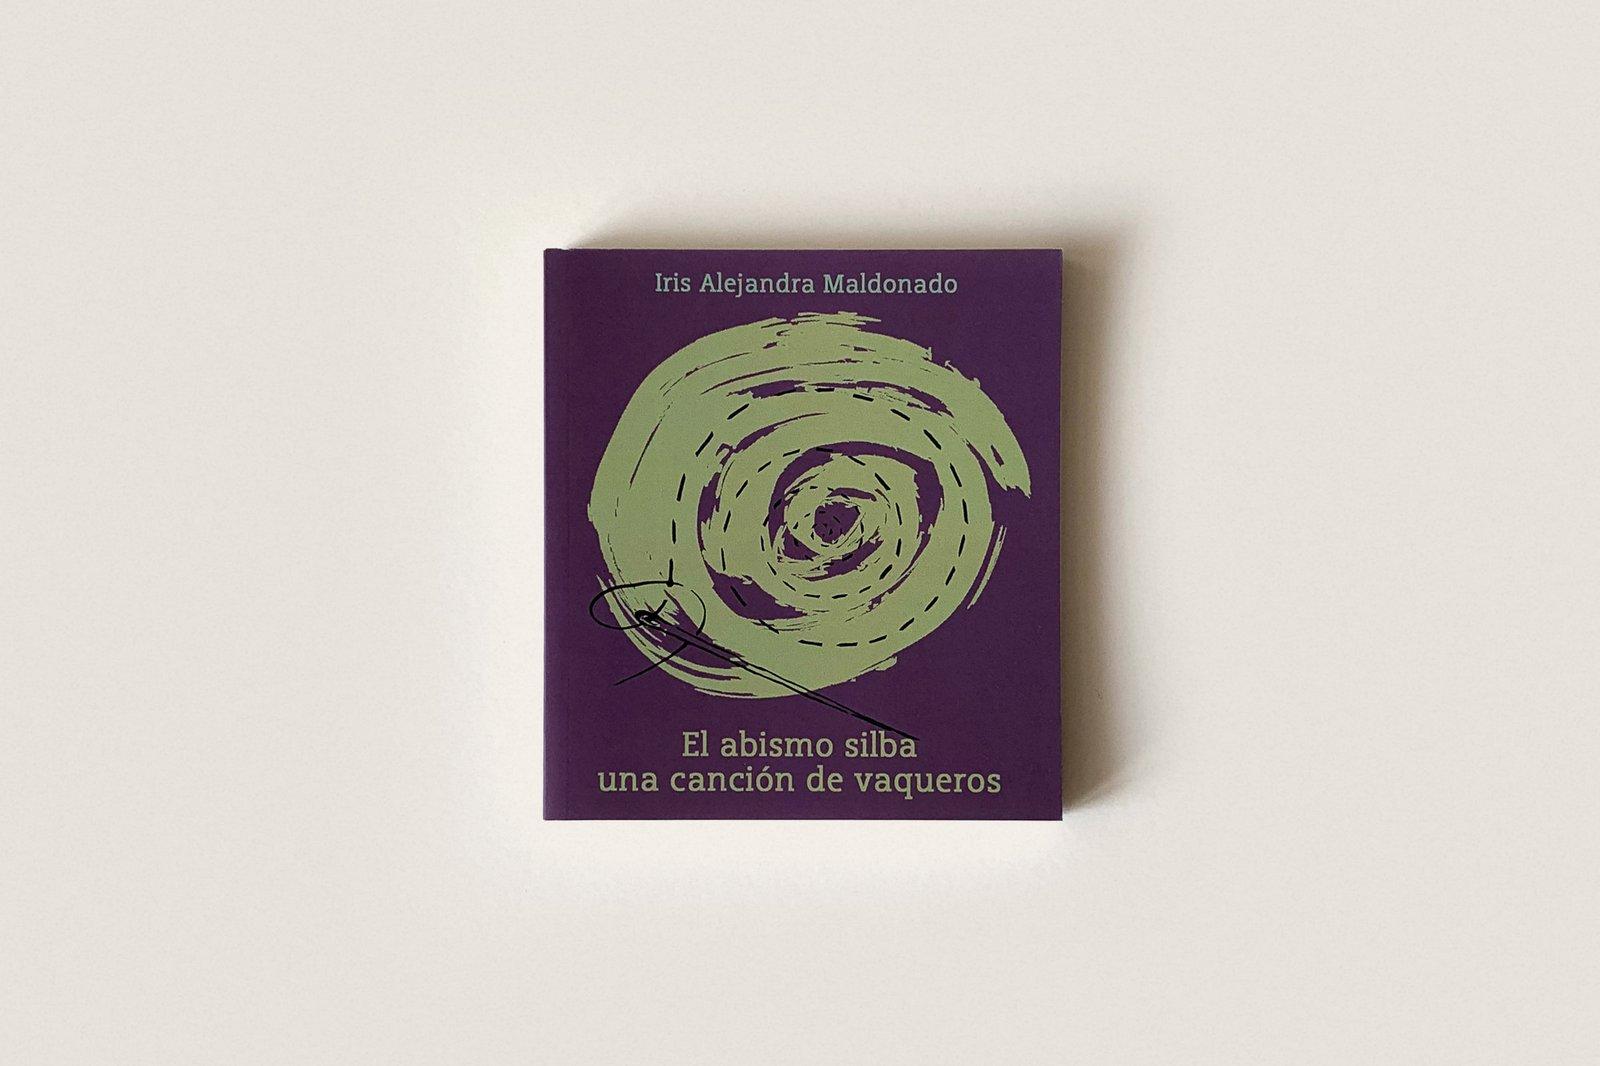 Libro: El abismo silba una canción de vaqueros — Iris Alejandra Maldonado